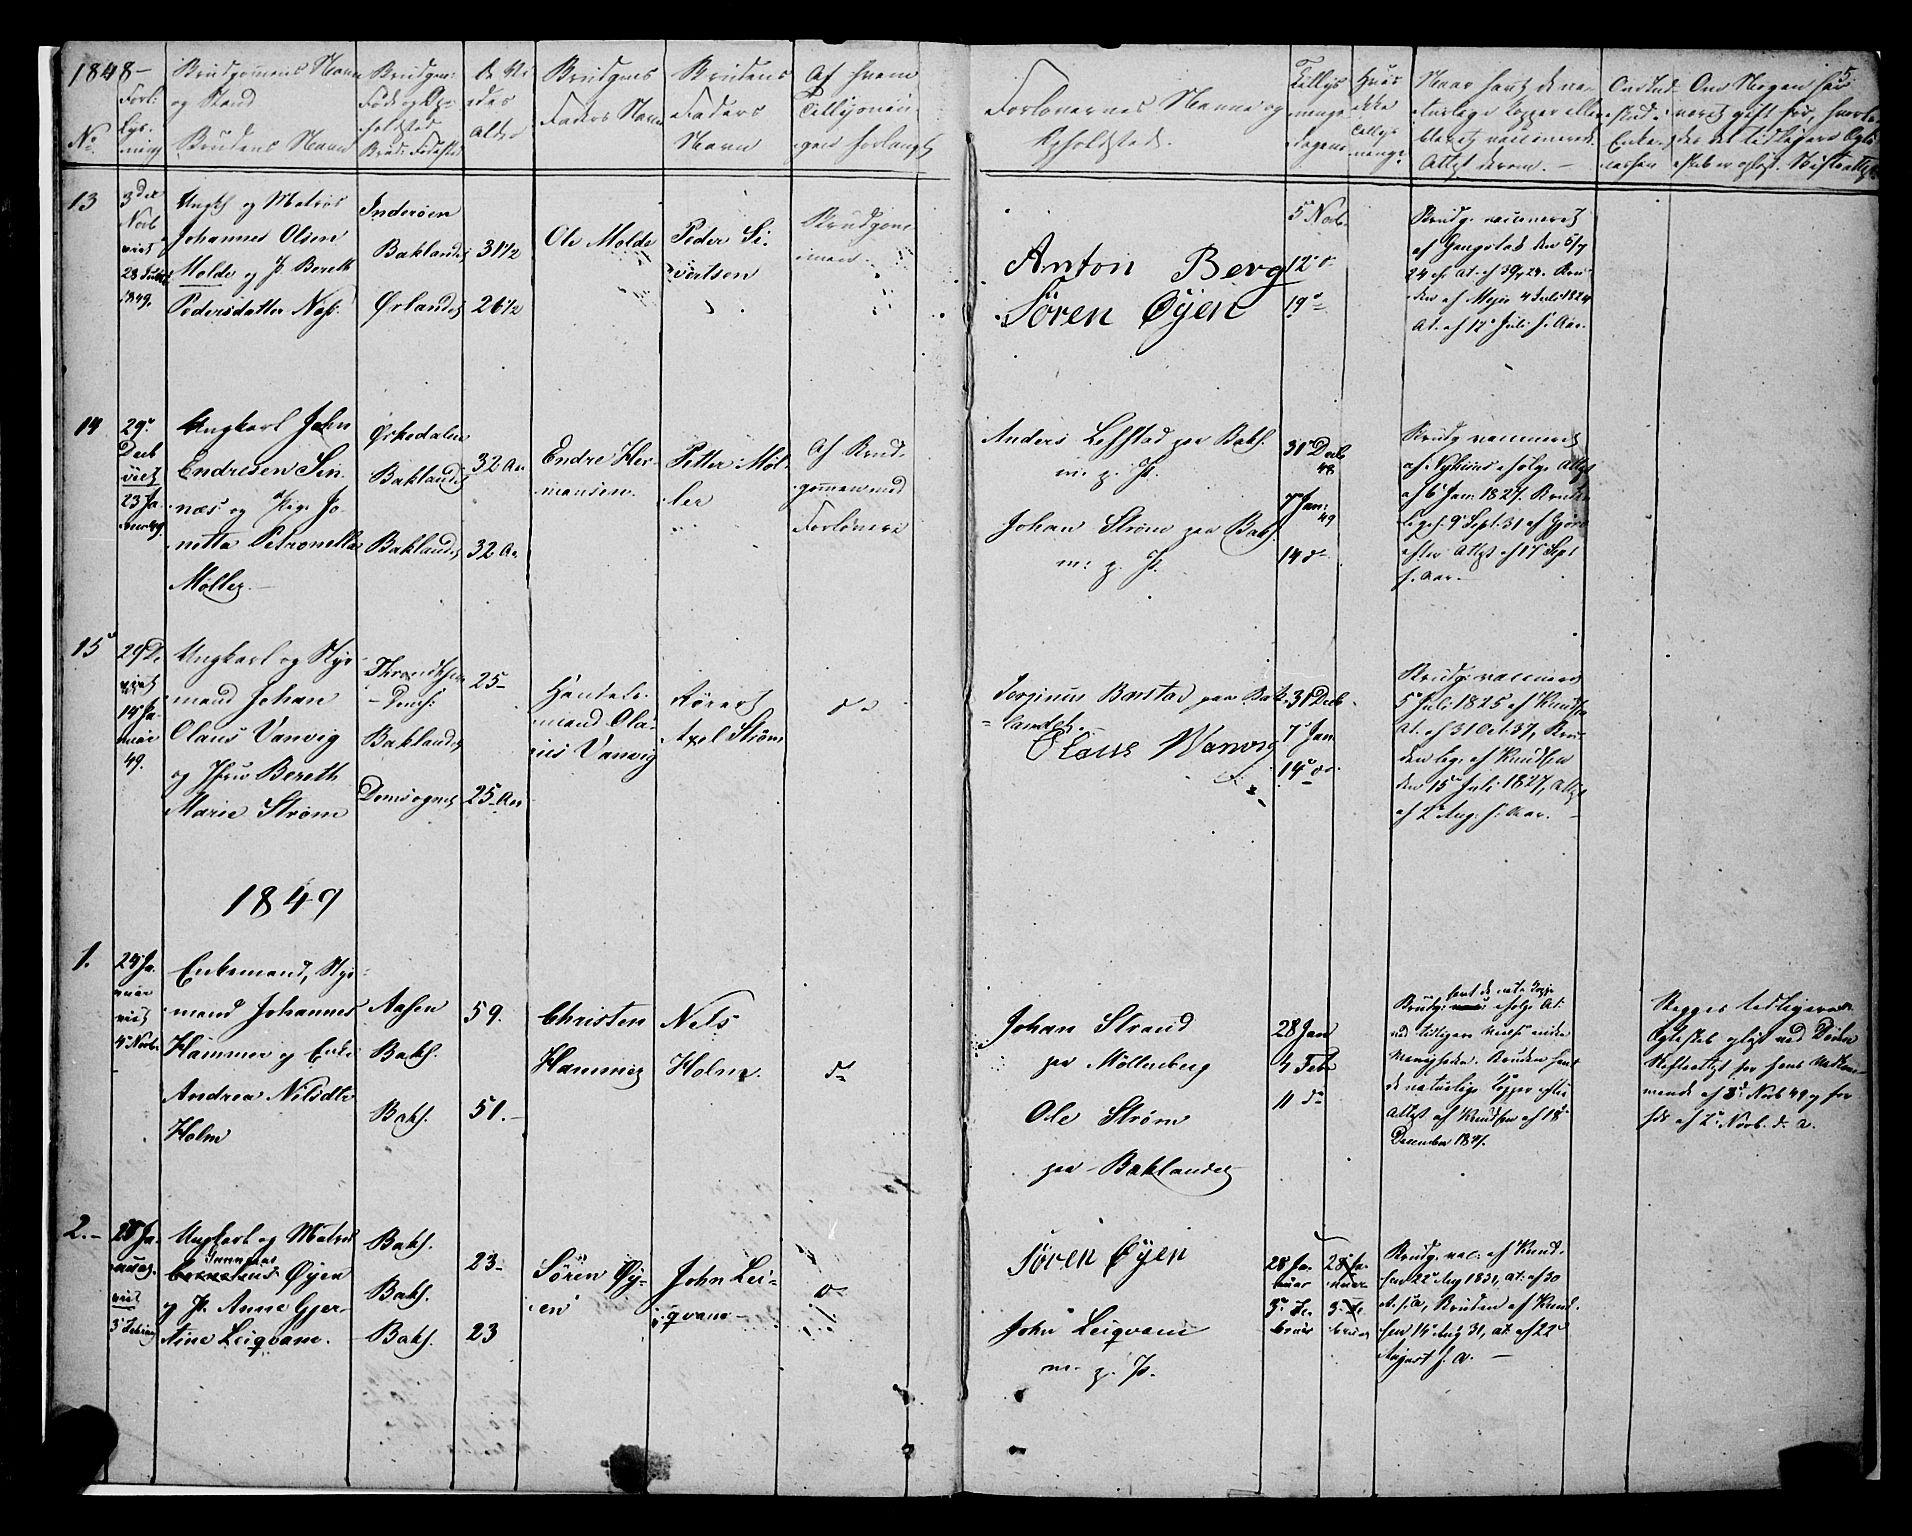 SAT, Ministerialprotokoller, klokkerbøker og fødselsregistre - Sør-Trøndelag, 604/L0187: Ministerialbok nr. 604A08, 1847-1878, s. 5